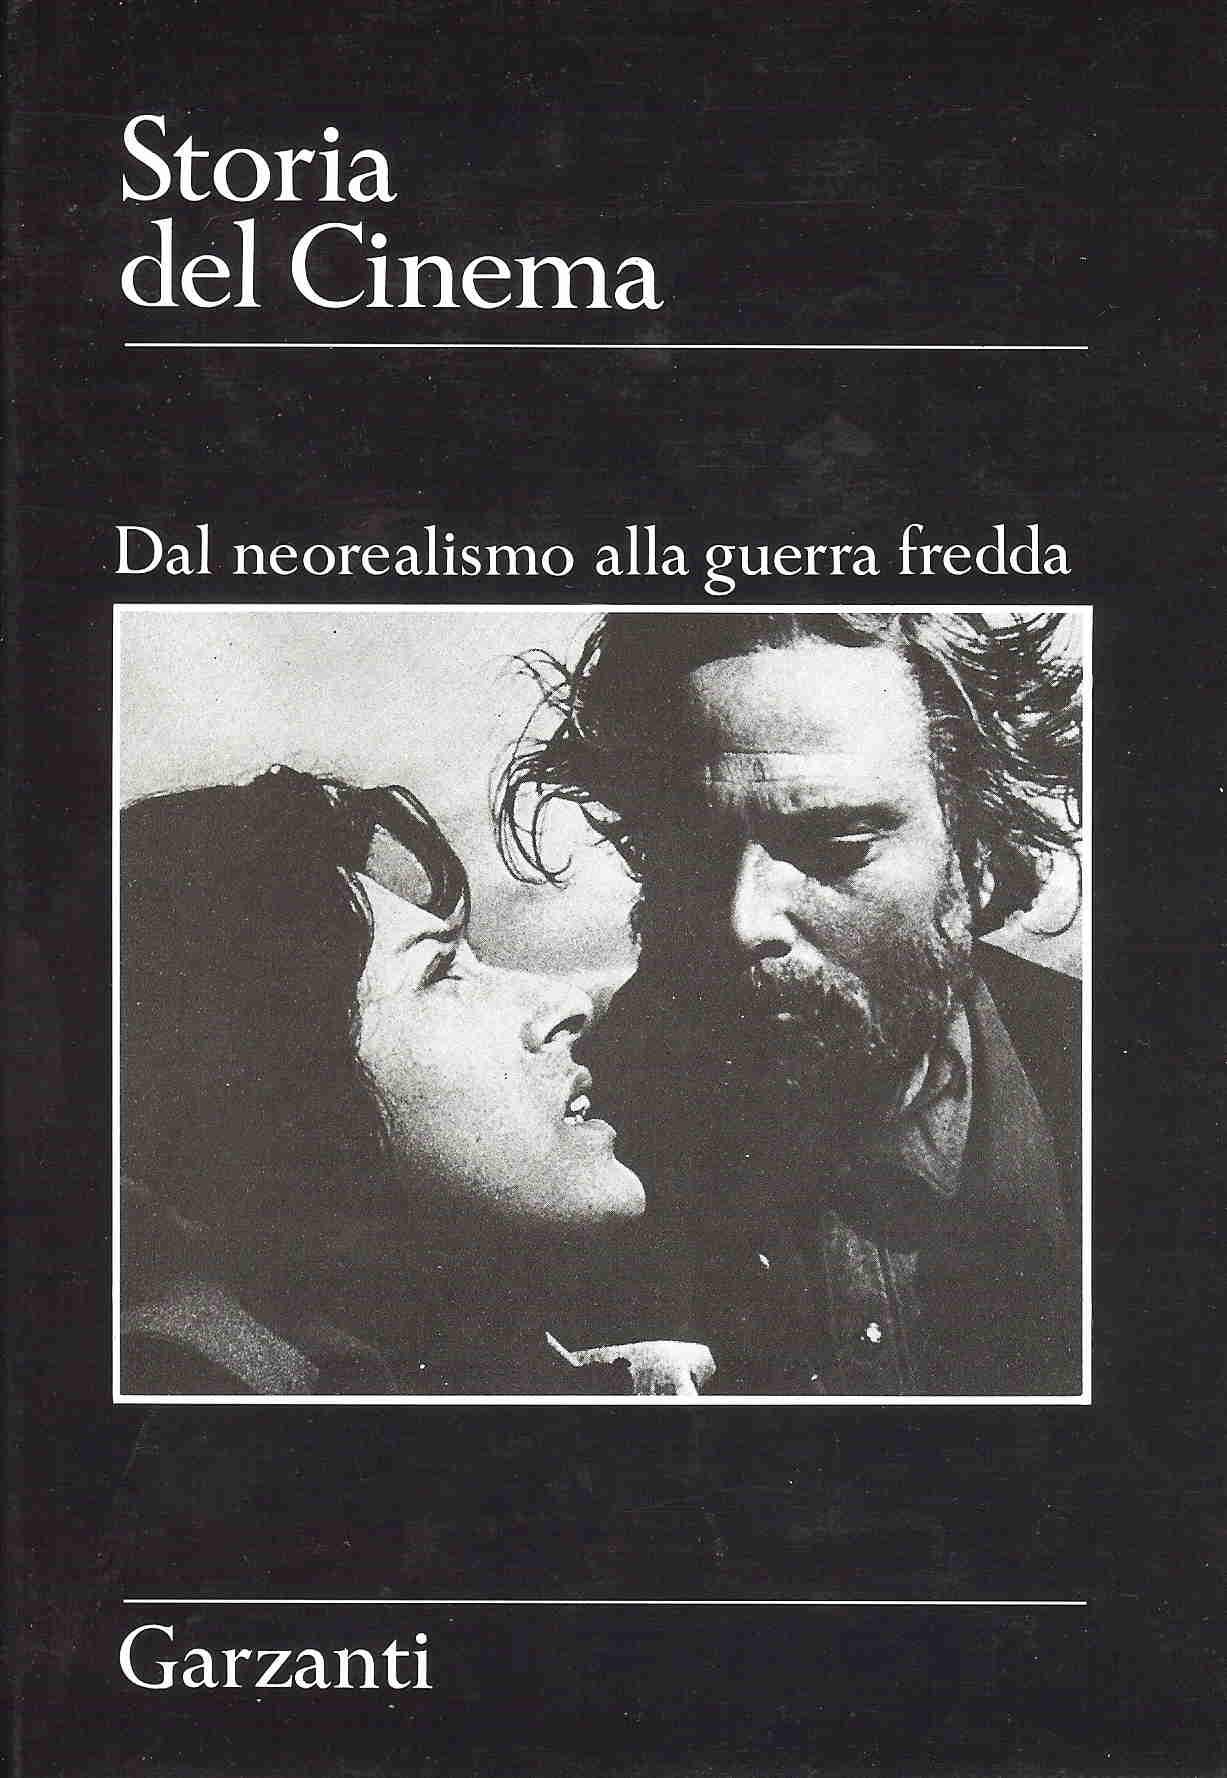 Storia del cinema - ...